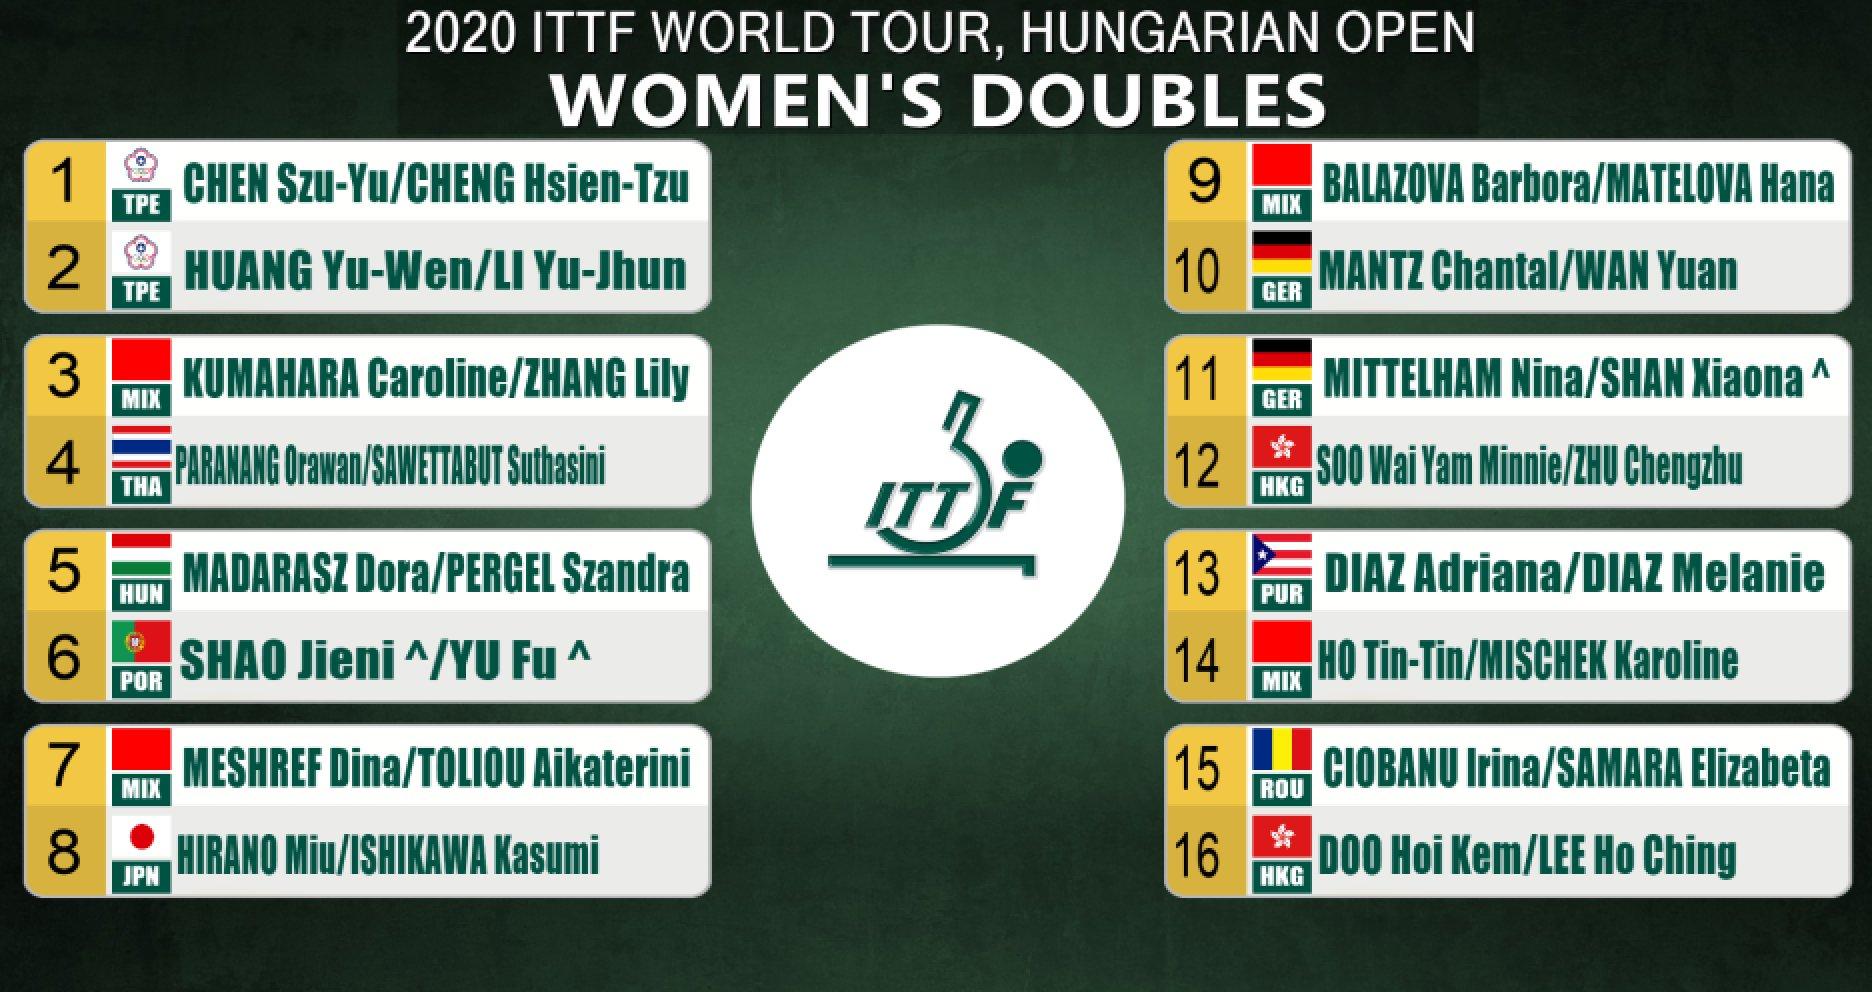 ハンガリーオープン女子ダブルス2